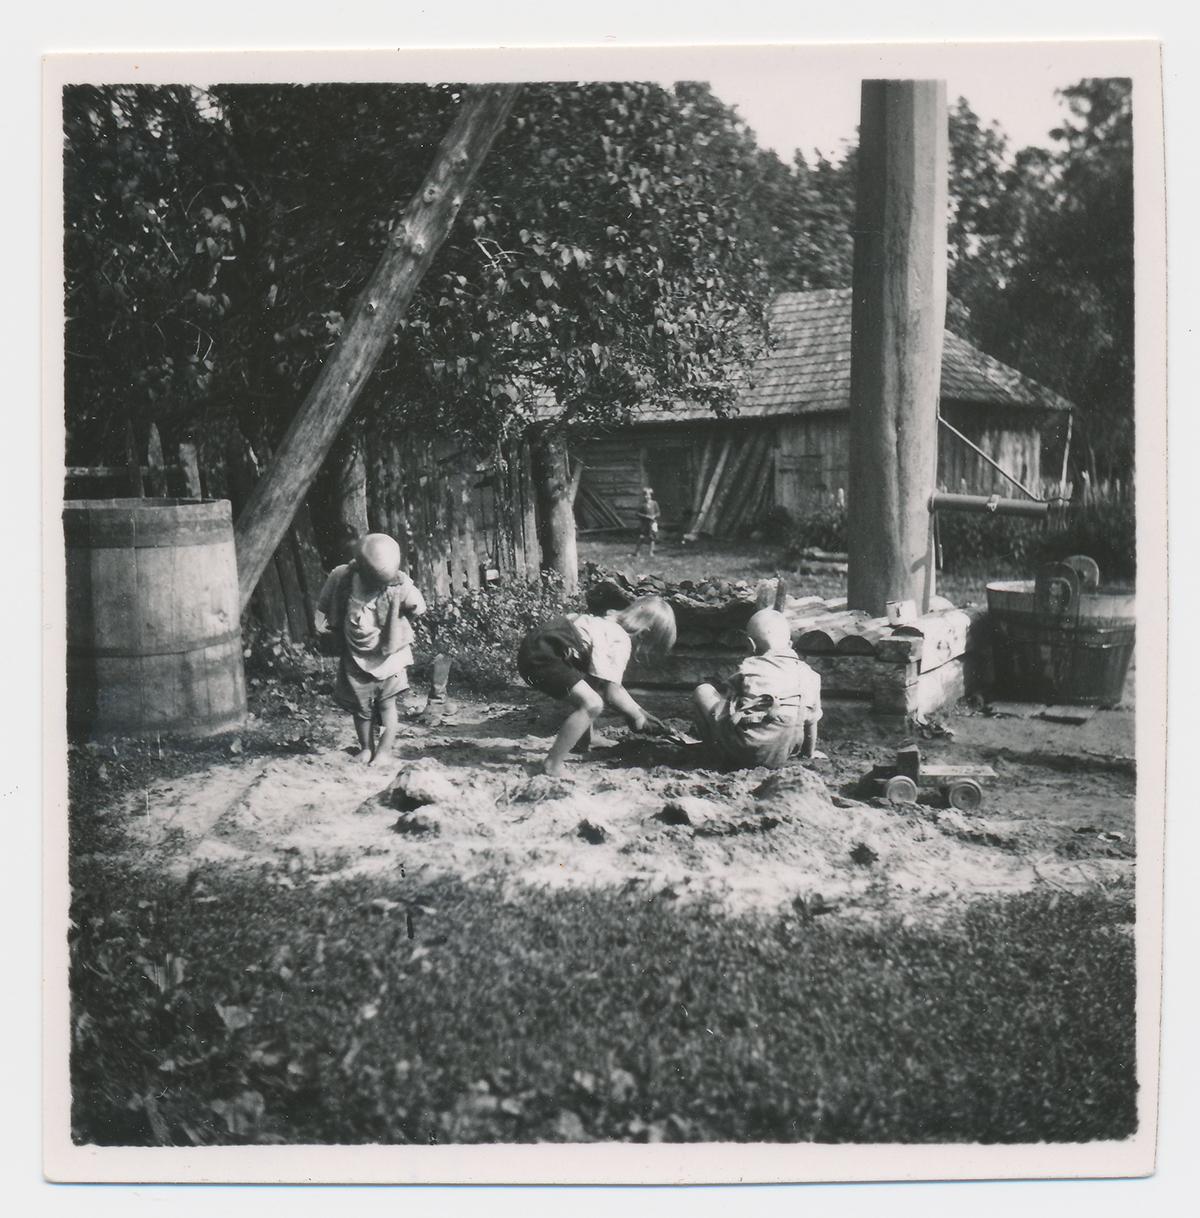 Talulapsed liivahunnikus mängimas, Nõo, Tähtvere vald, Tedre talu, 1942. Foto: Richard Viidebaum (Viidalepp) (Eesti Rahvaluule Arhiiv)